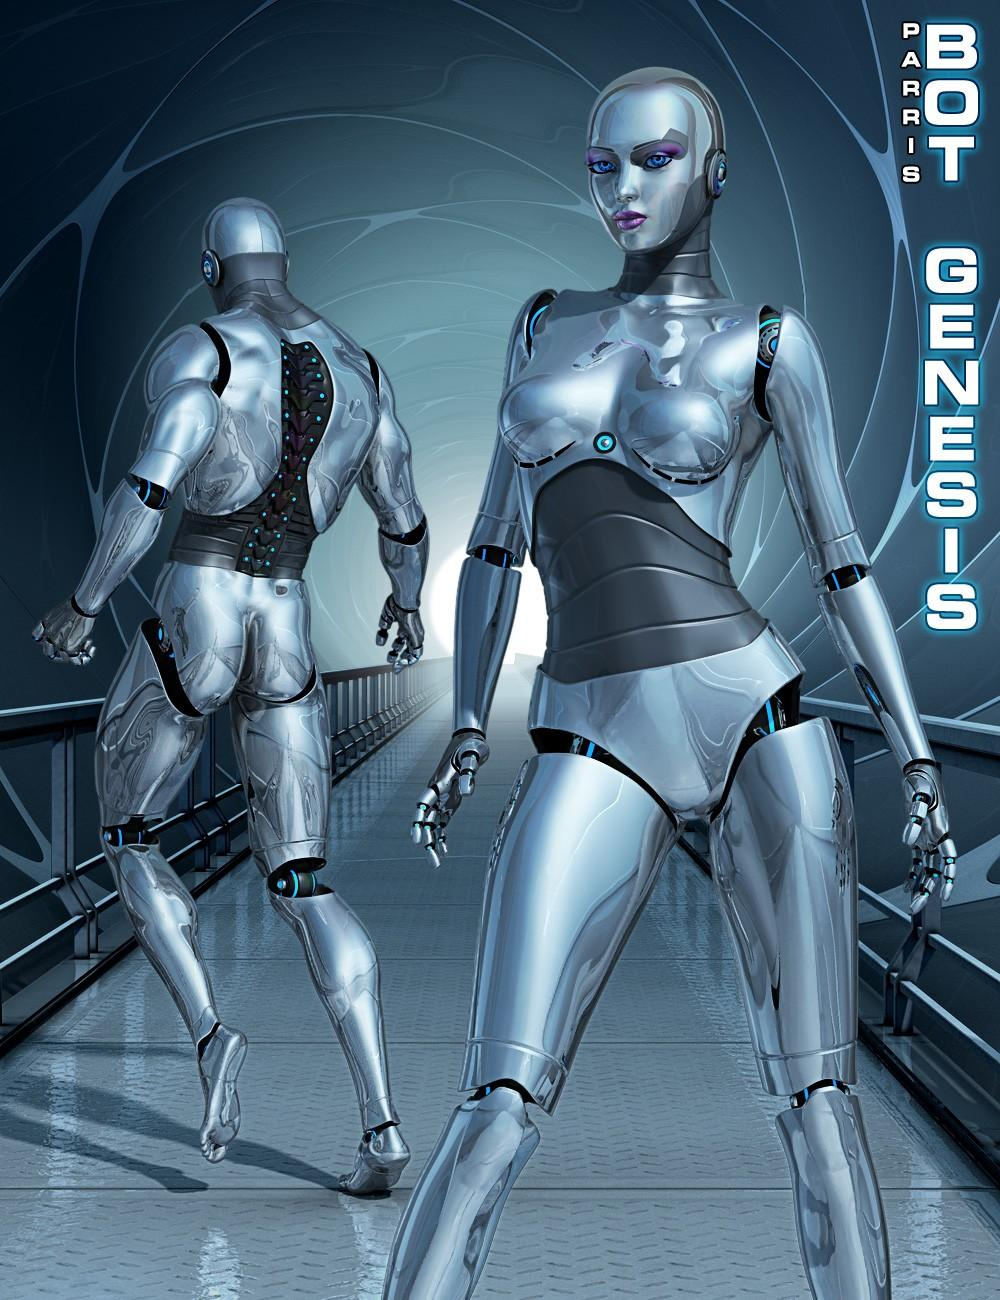 Bot Genesis